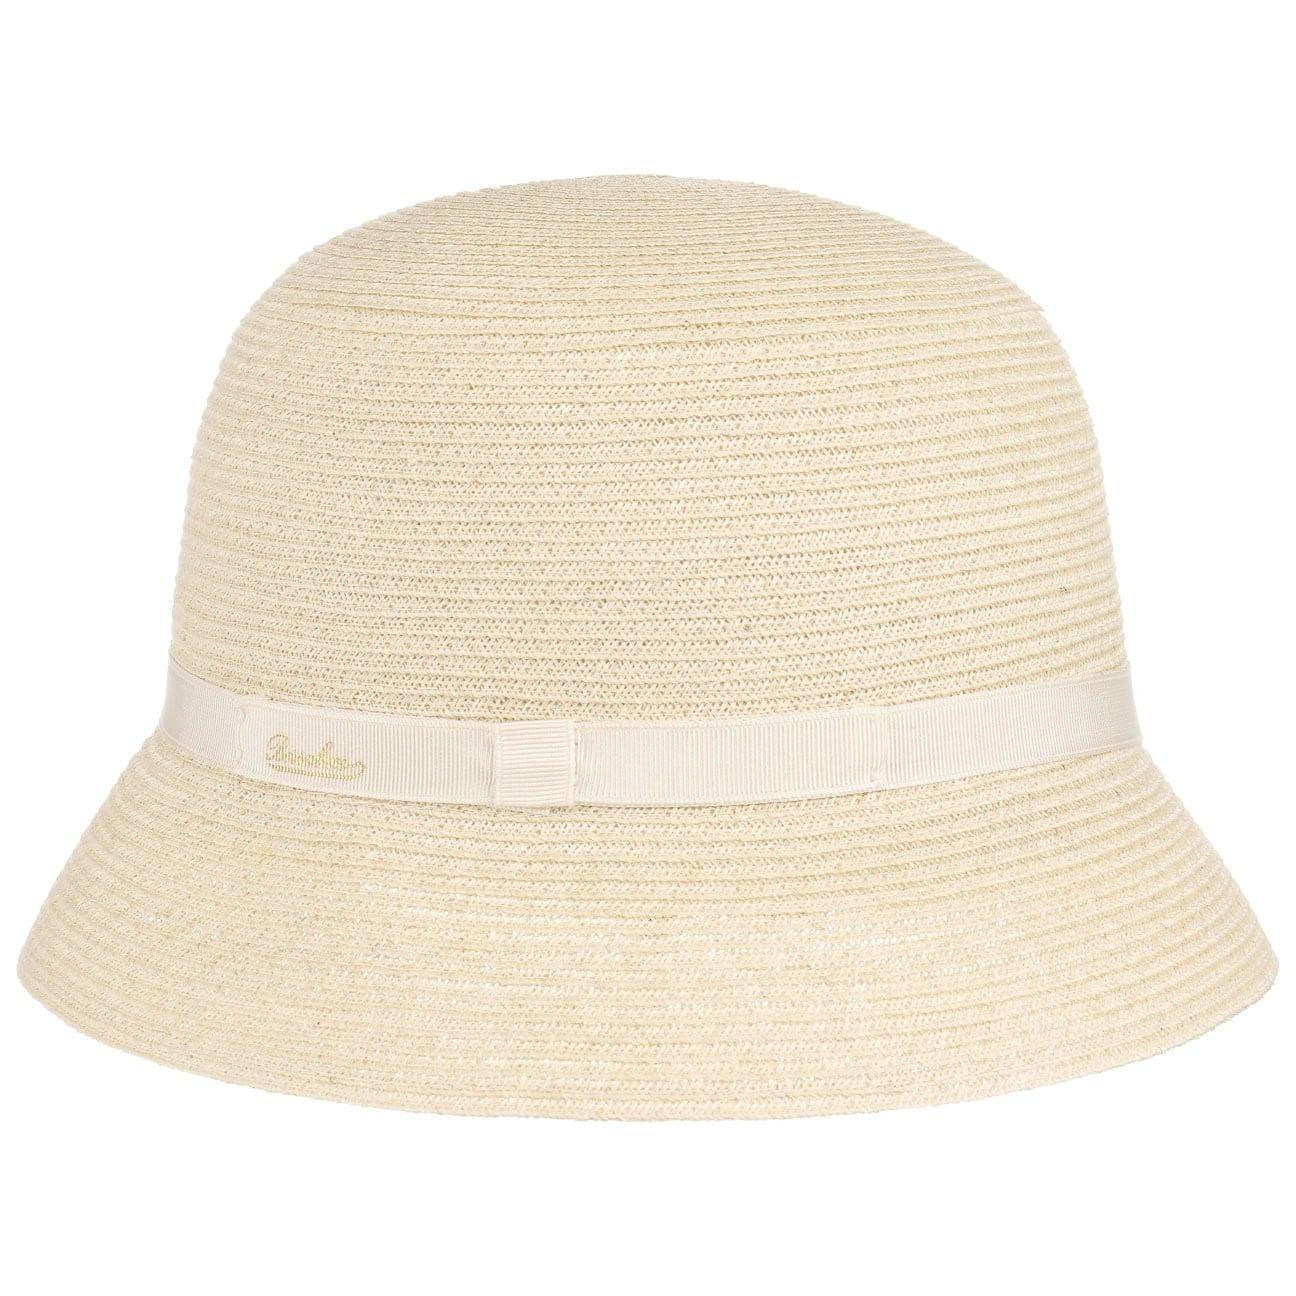 Sombrero Cloch? C??amo Laja by Borsalino  sombrero de mujer